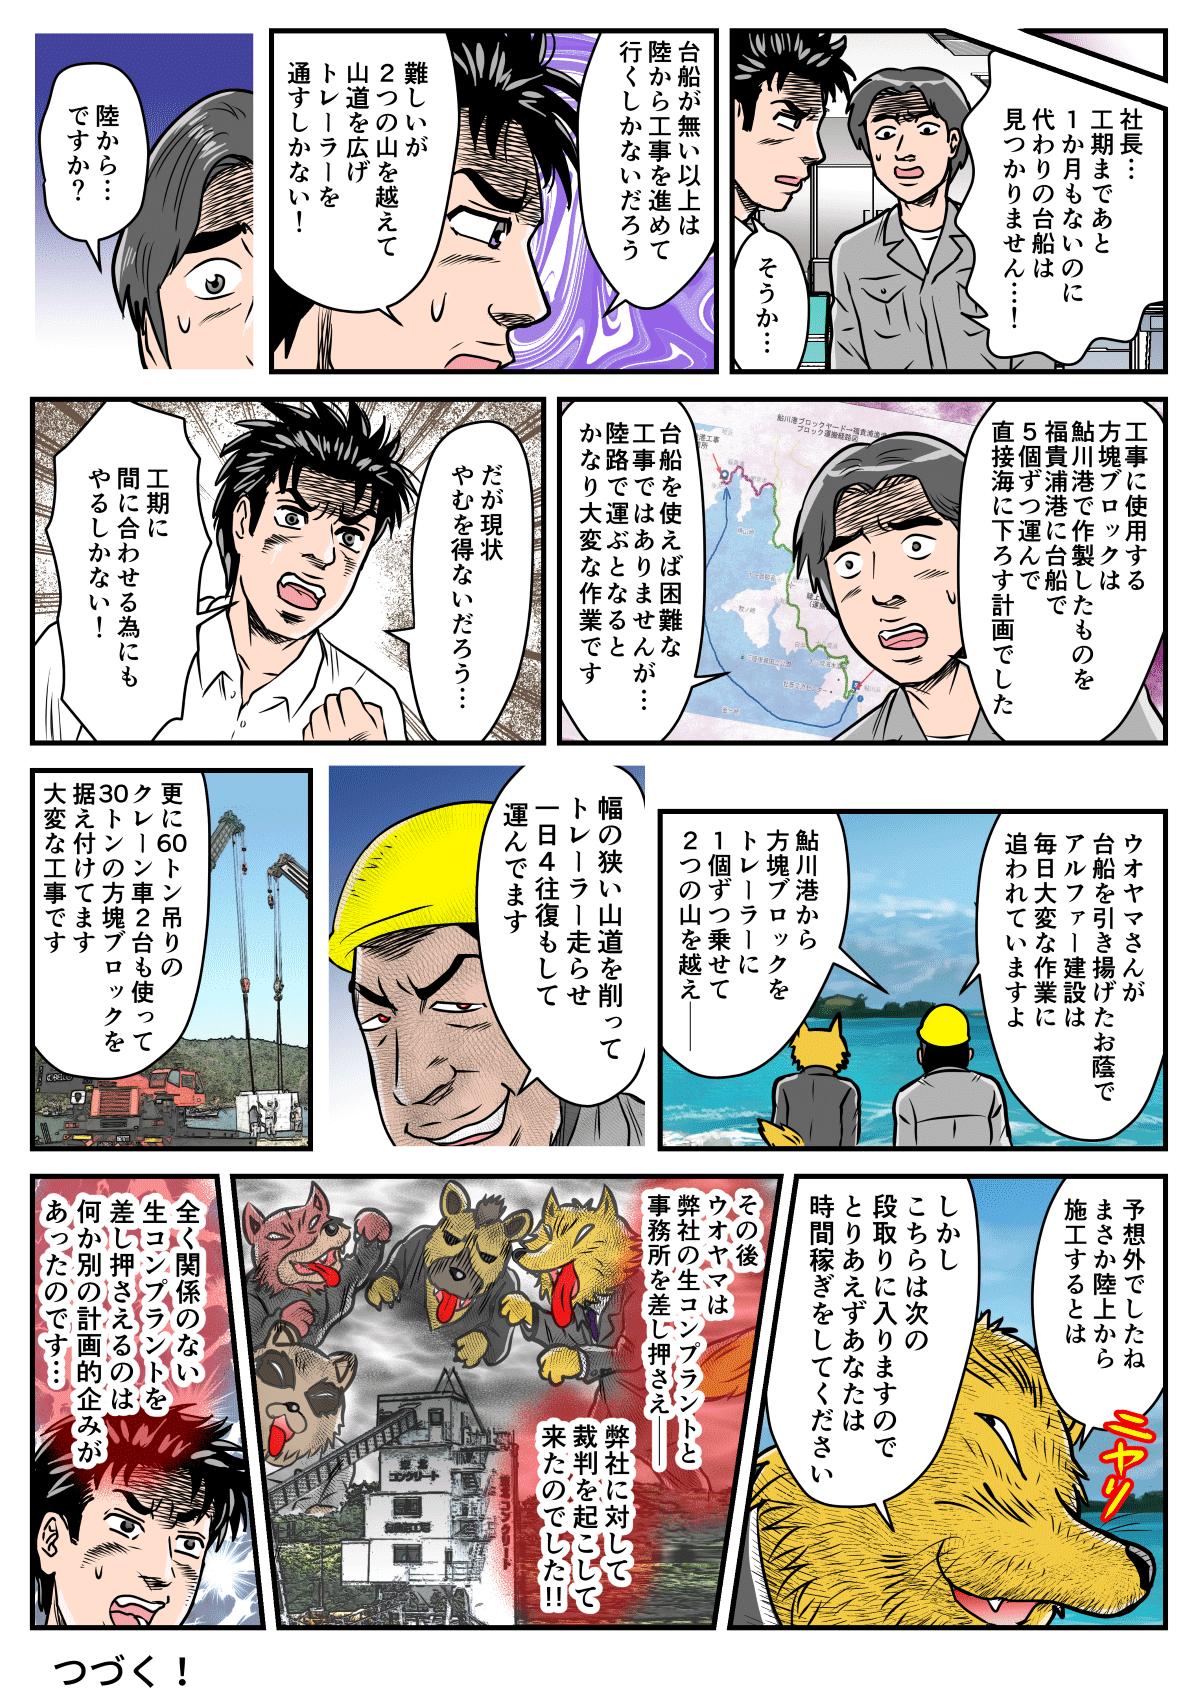 uoyama02_03